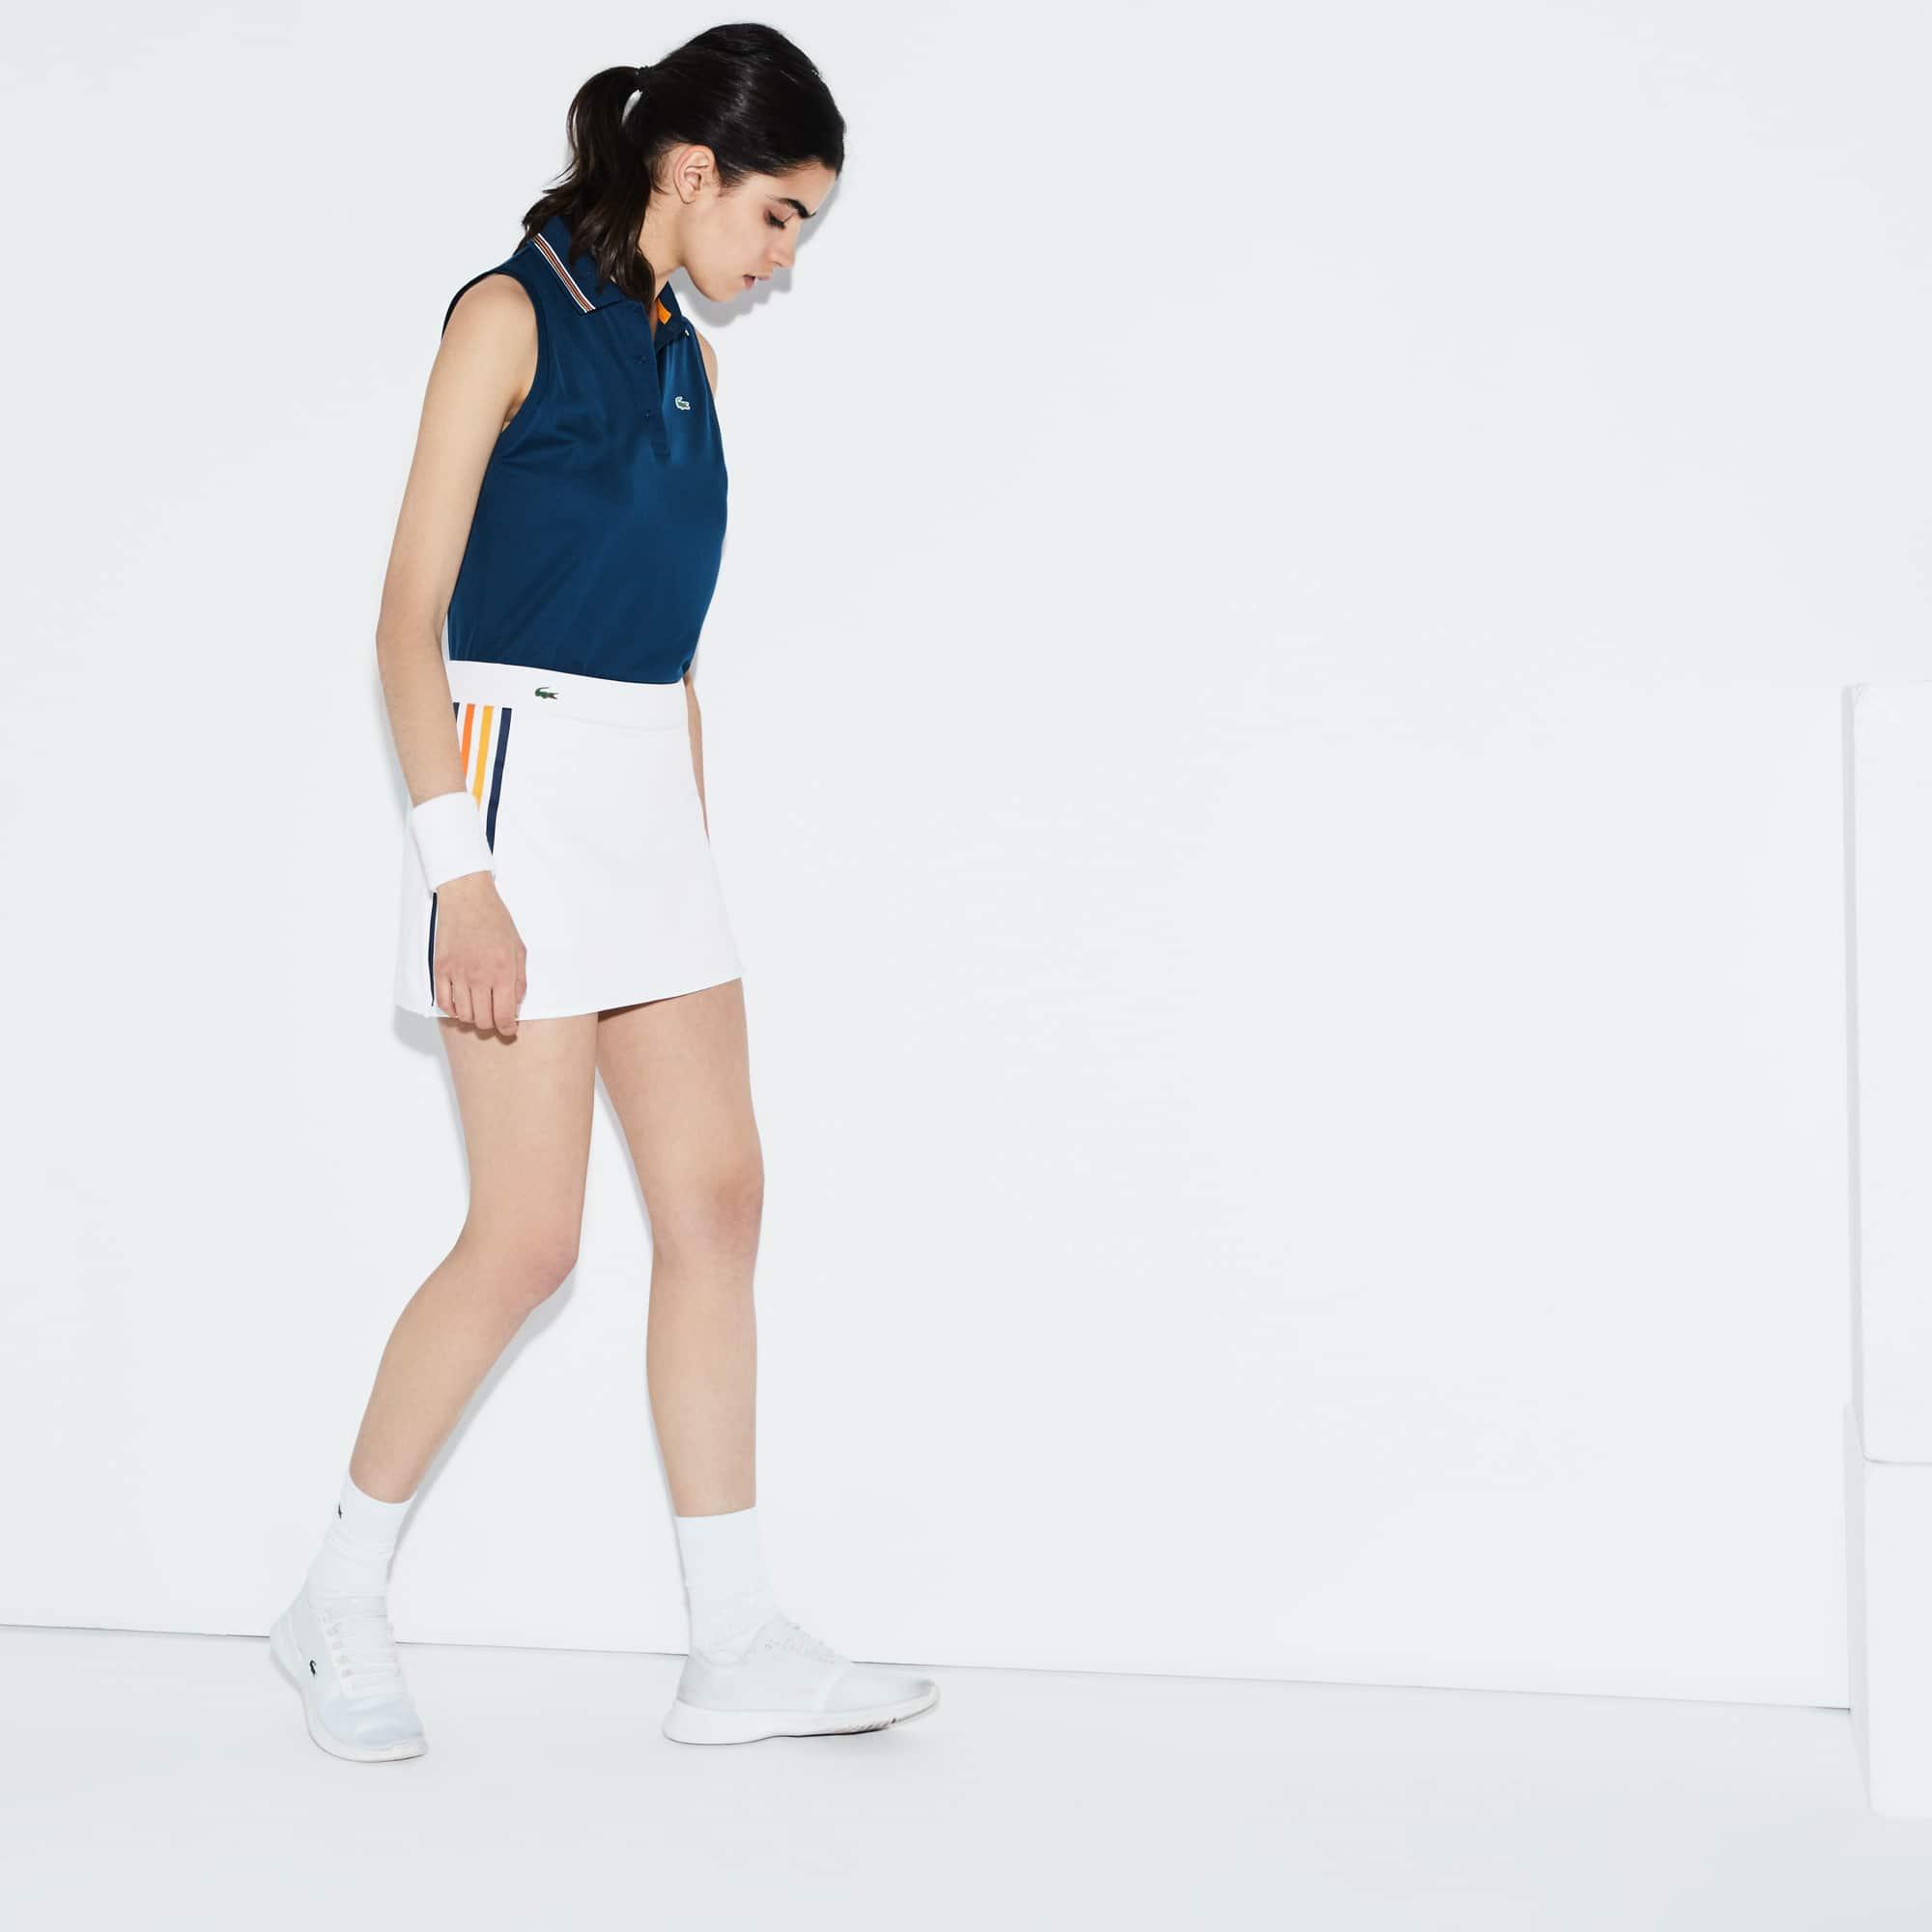 Lacoste SPORT Tennis-rok dames technisch jersey met contrasterende strepen